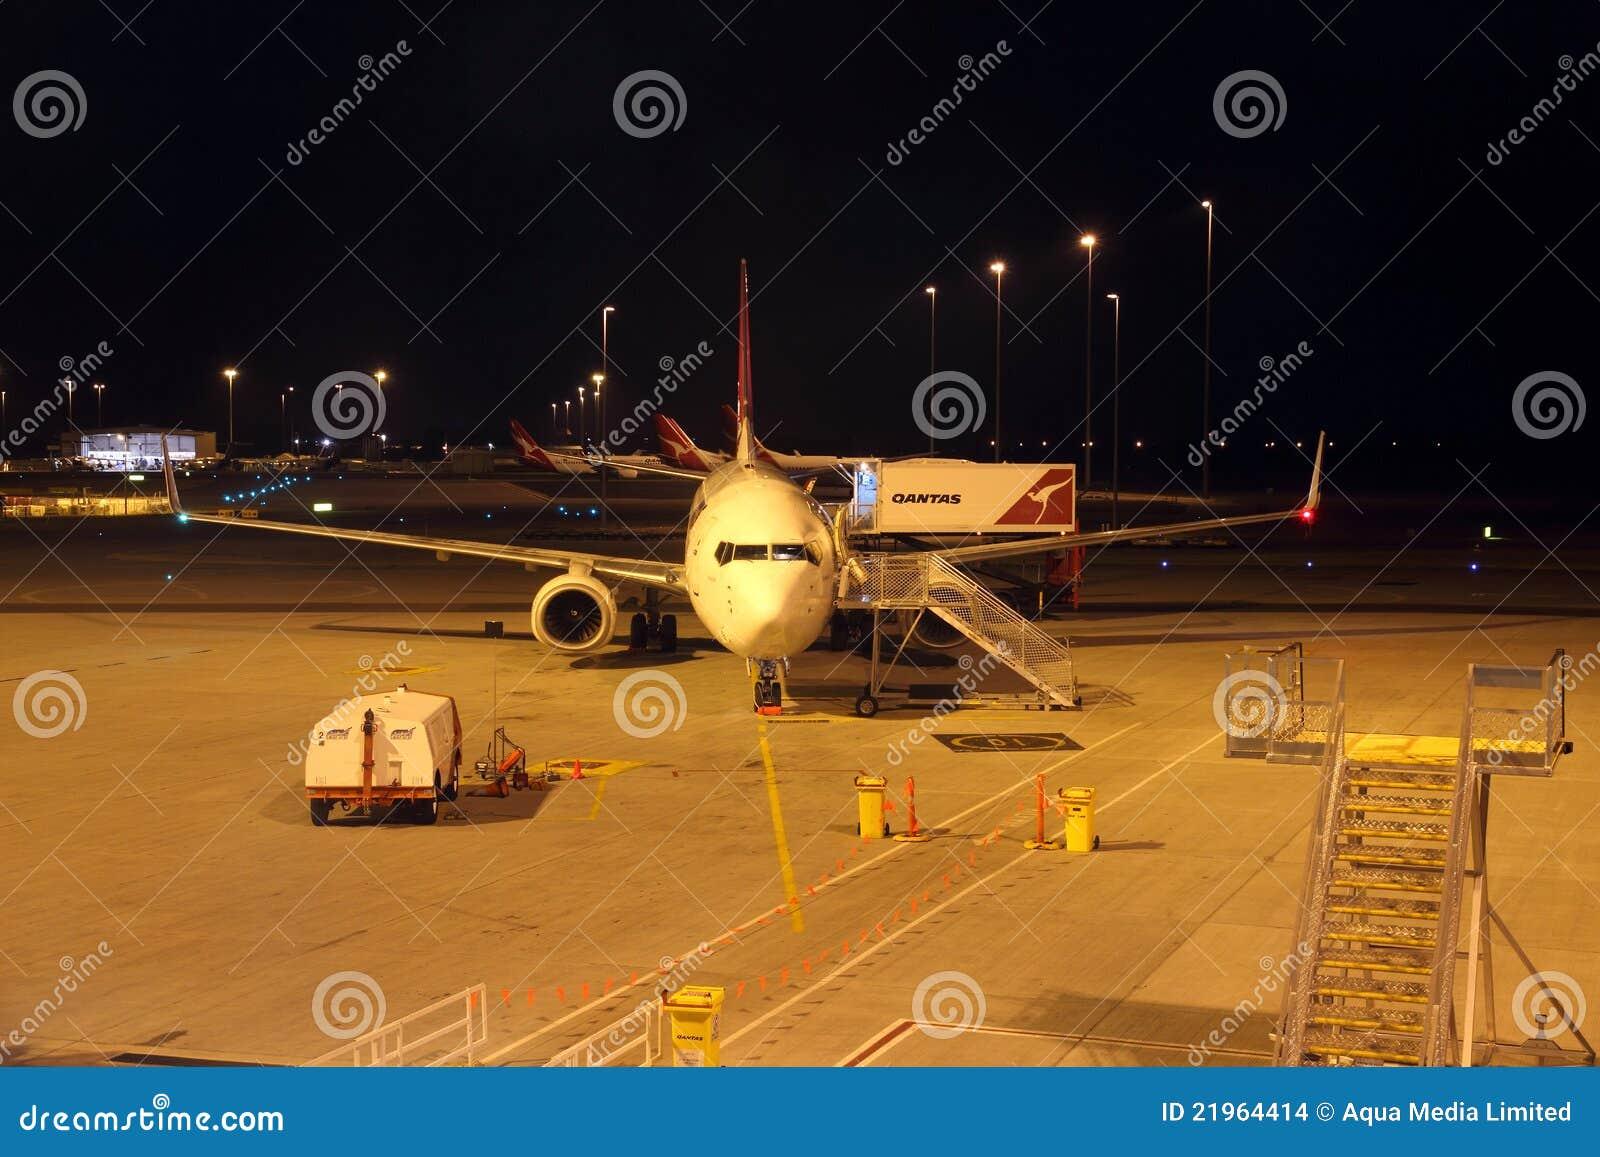 Qantas Airbus A330 Aircraft At Night Editorial Stock Image ...